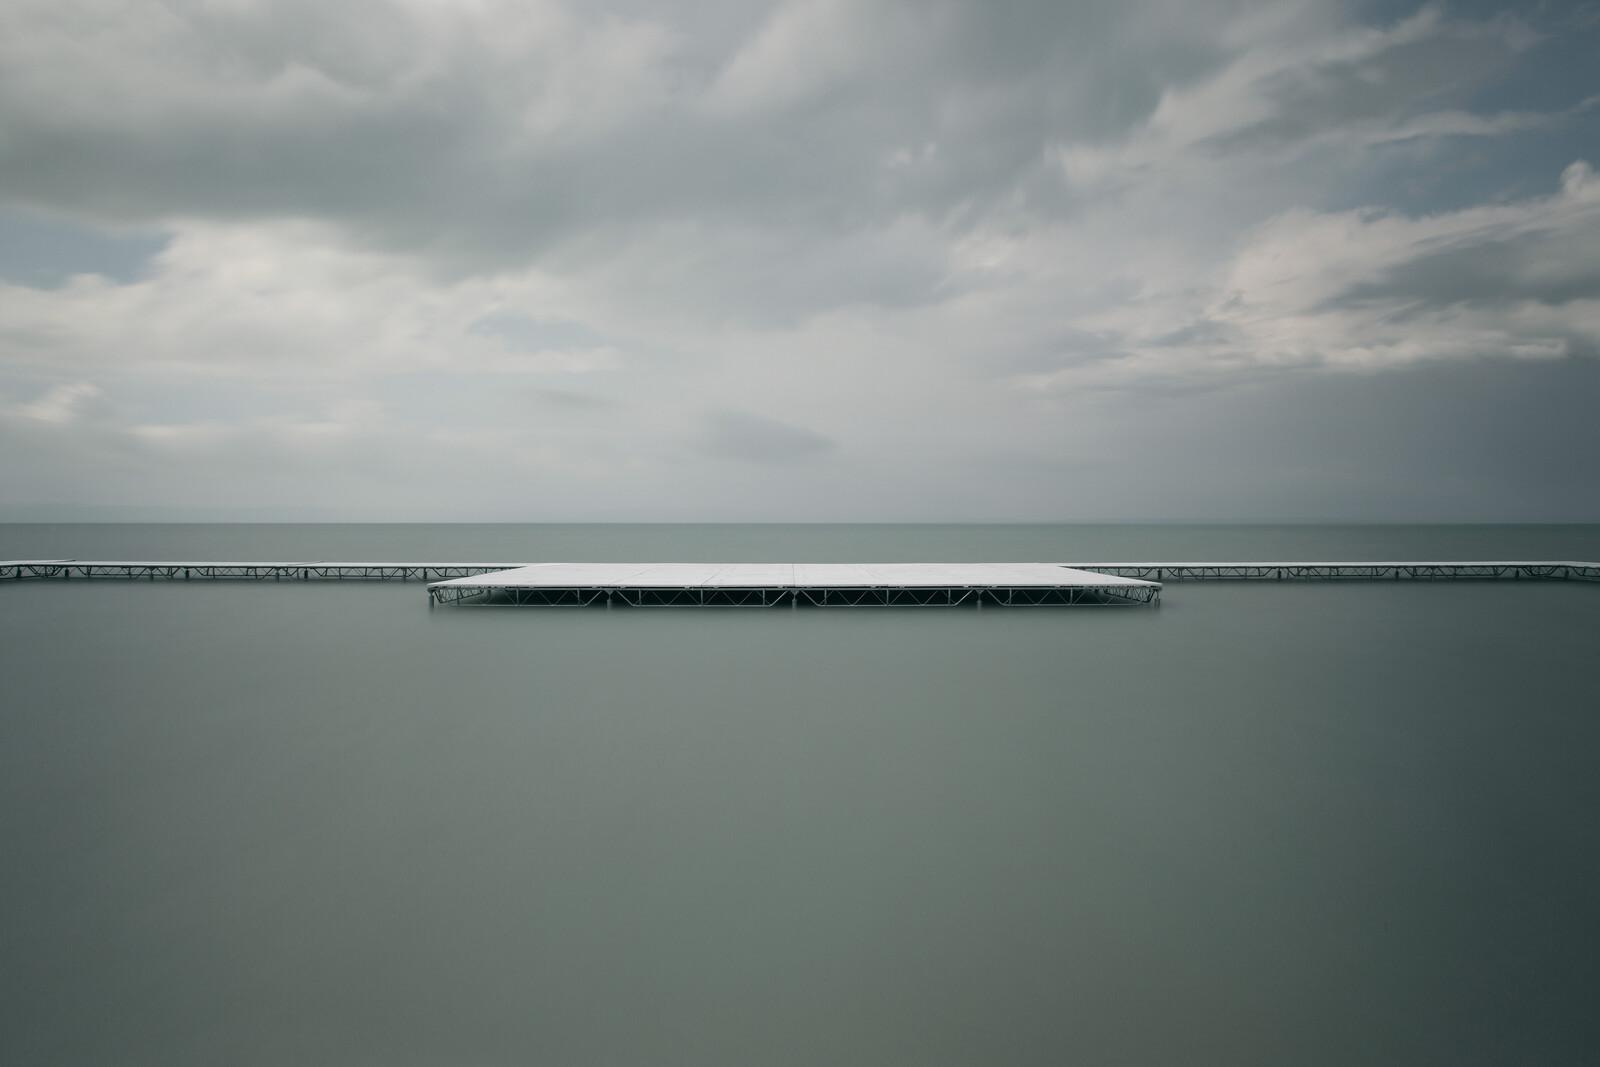 White Pier #2 - Akos Major